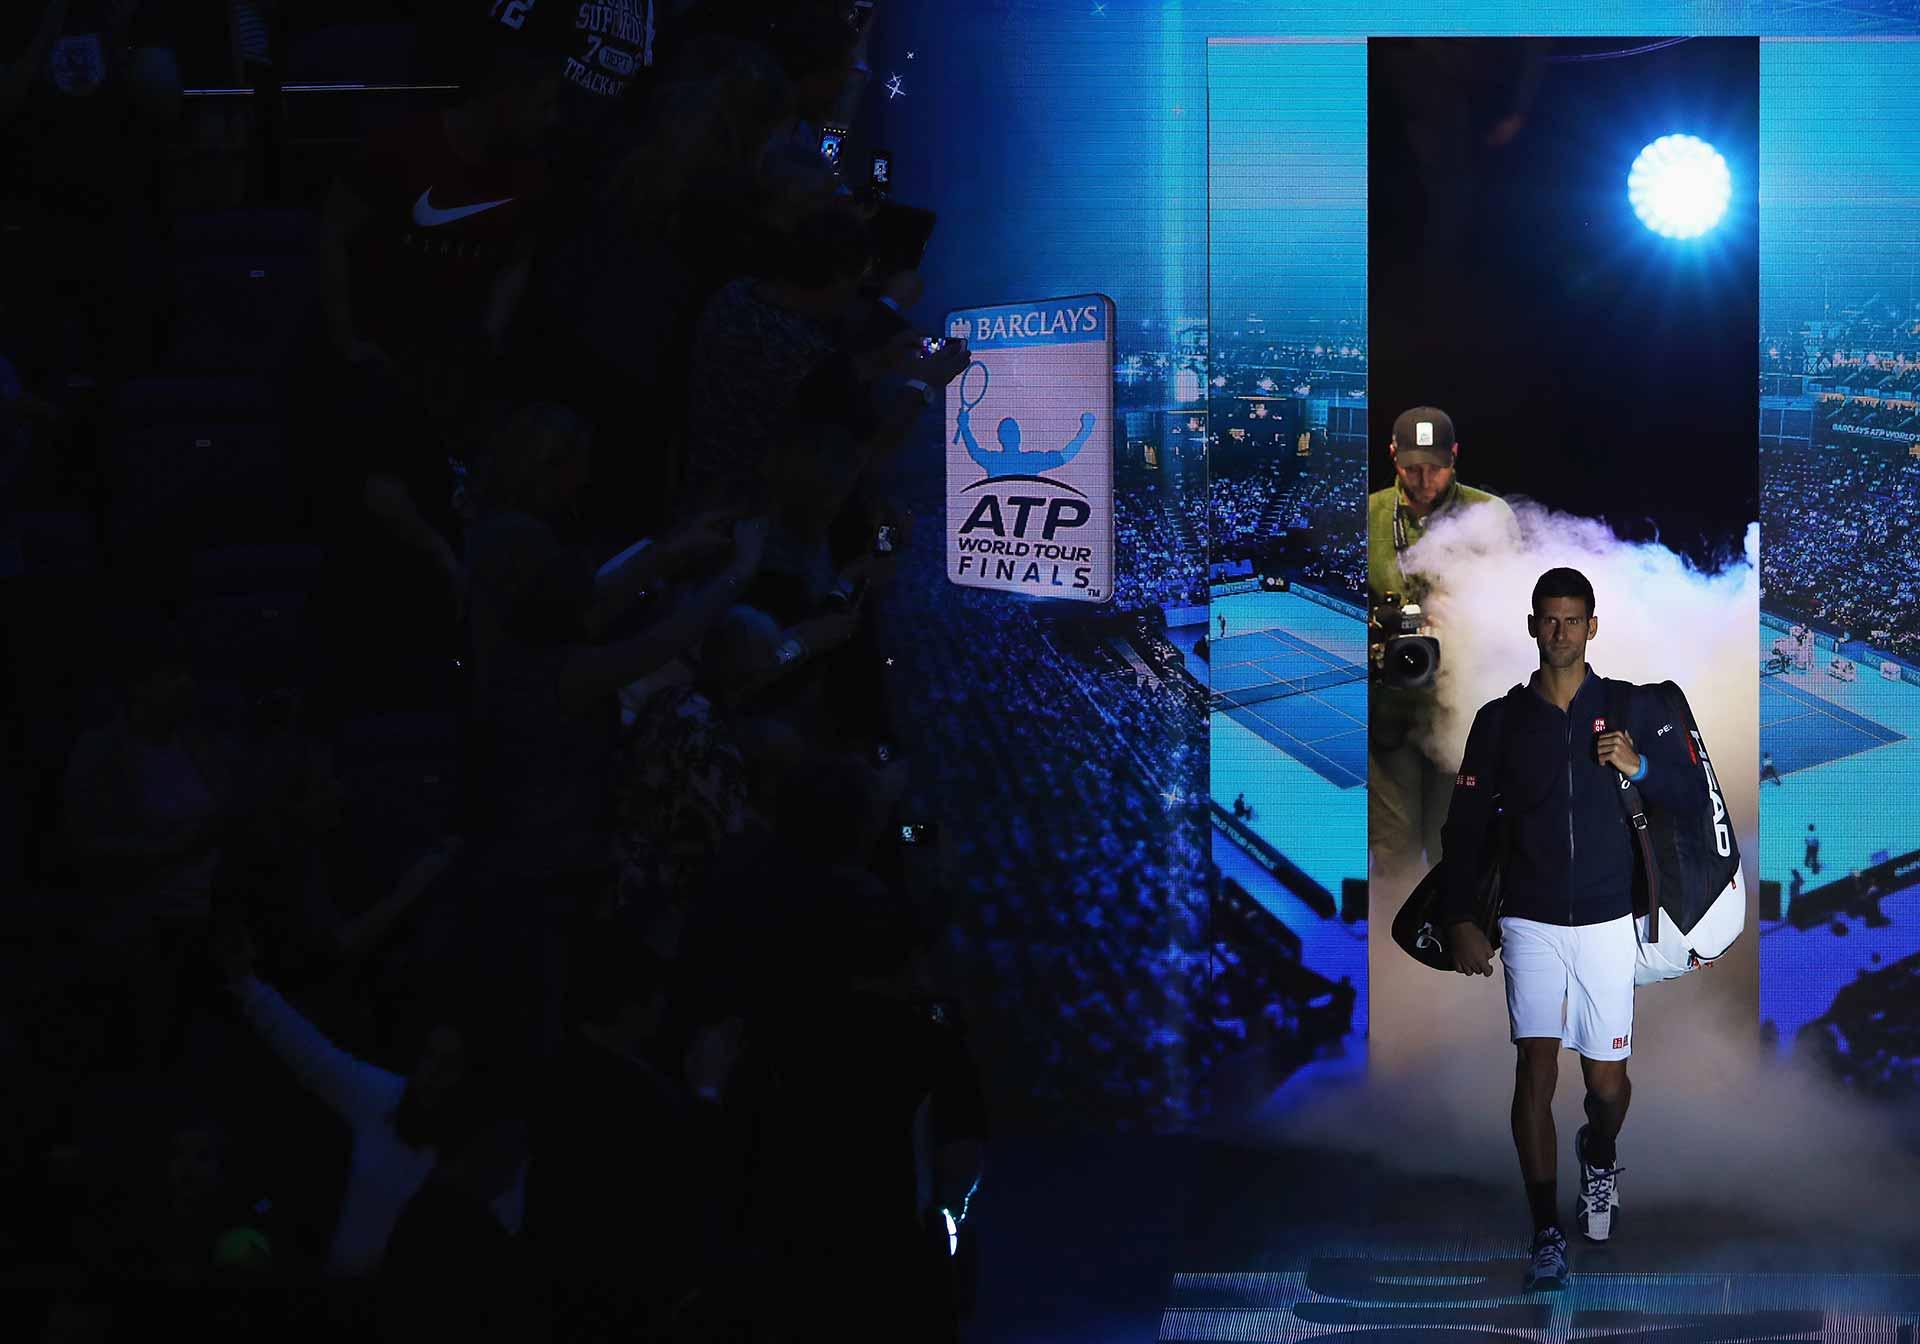 Djokovic chiude l'anno dietro a Murray ma con uno Slam in più.